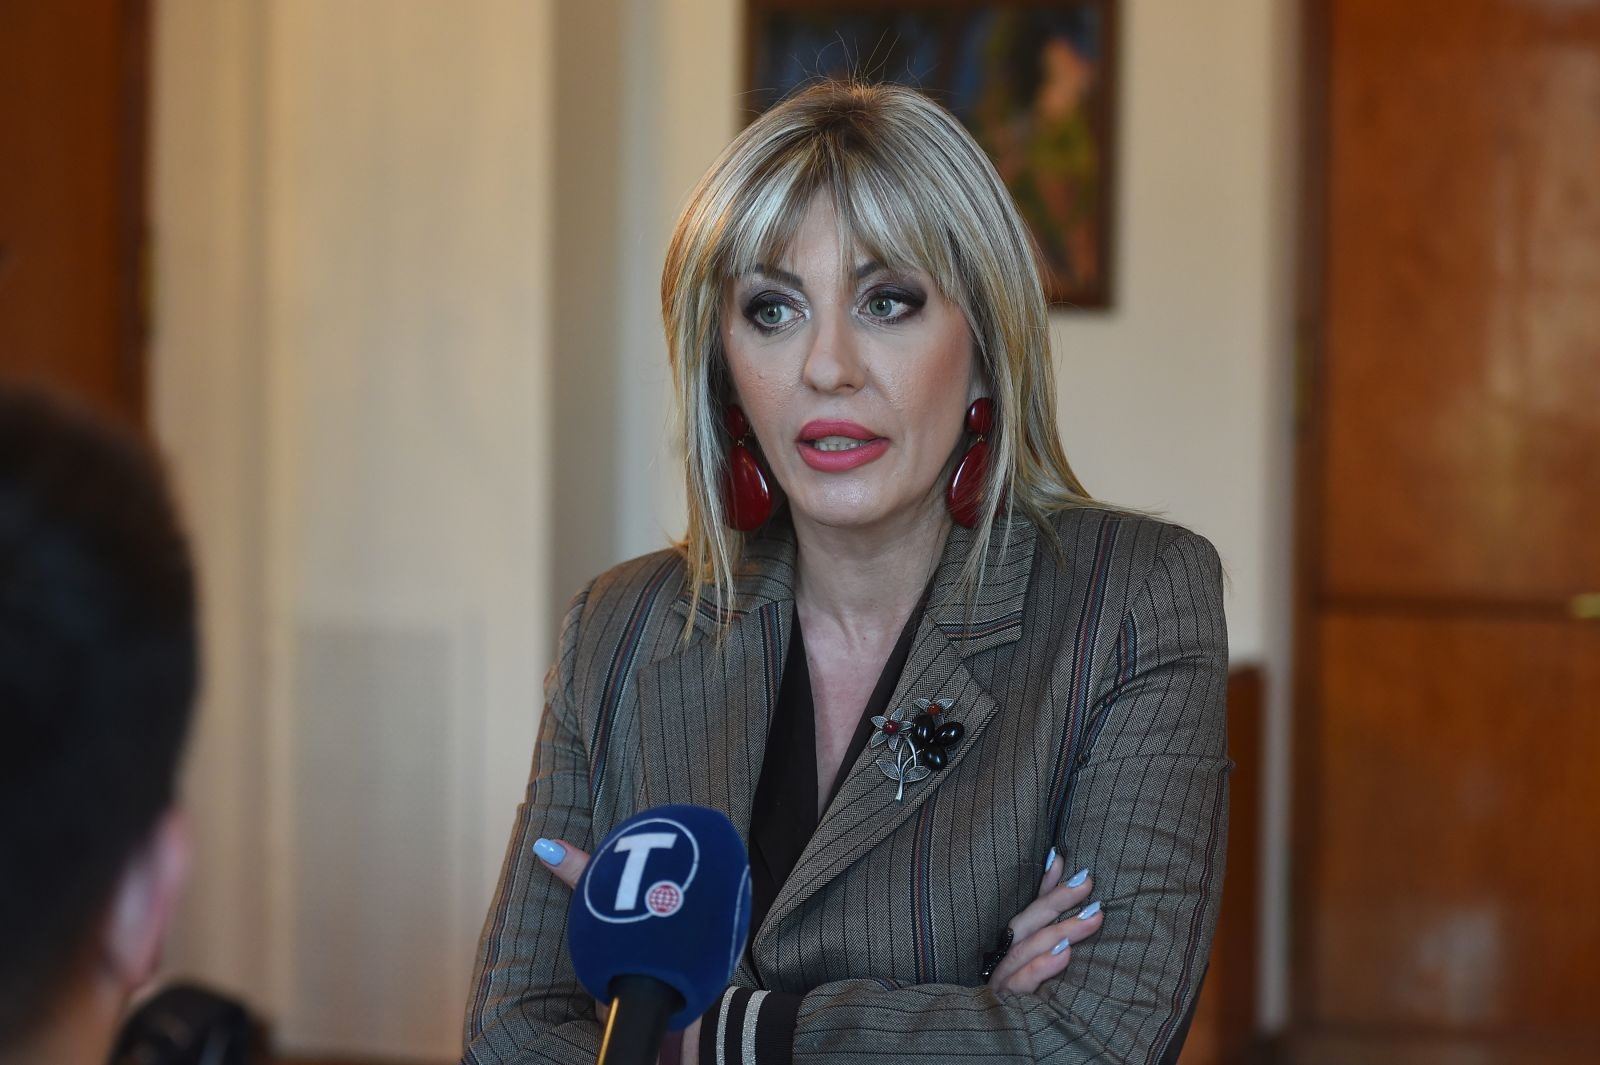 Ј. Јоксимовић: Одлагање извештаја Европске комисије не мора одложити отварање нових поглавља